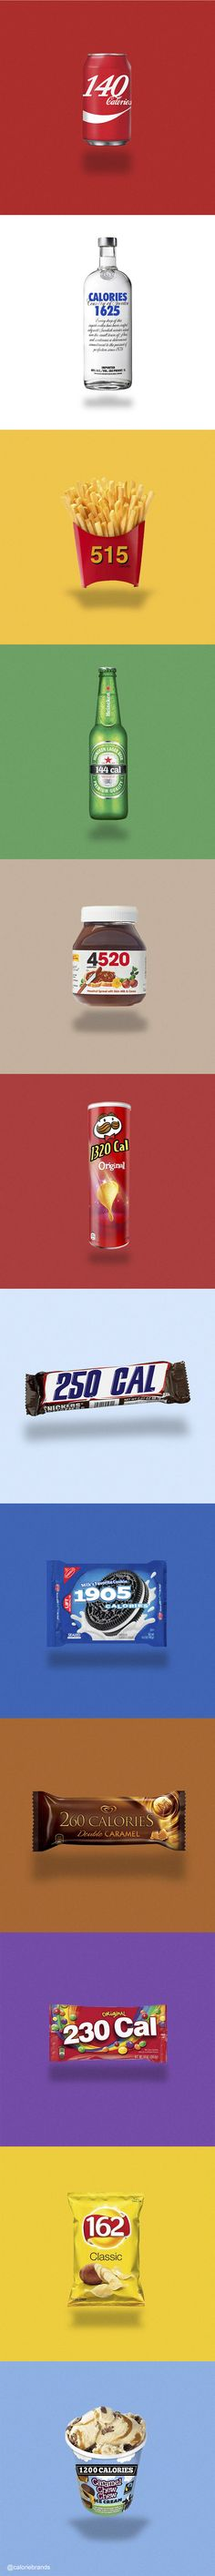 loghi-alimenti-conteggio-calorie-calorie-brands